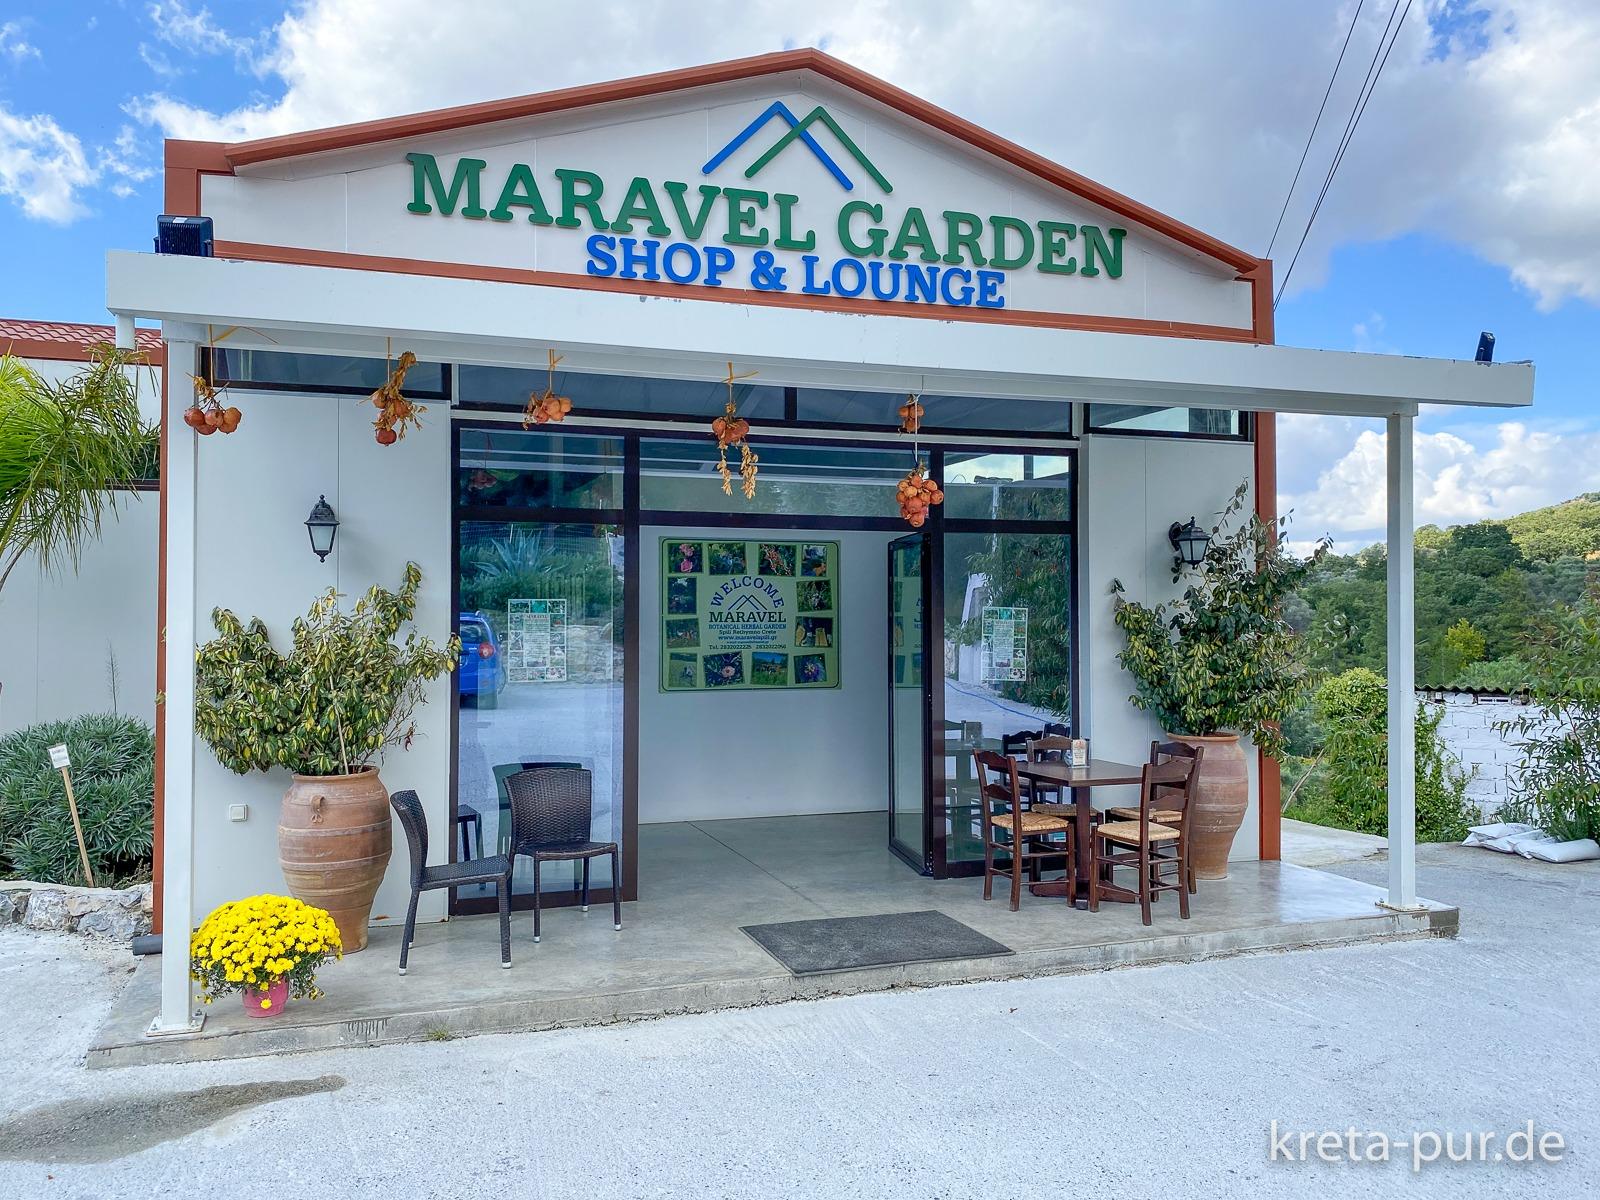 Maravel garden spili 9060